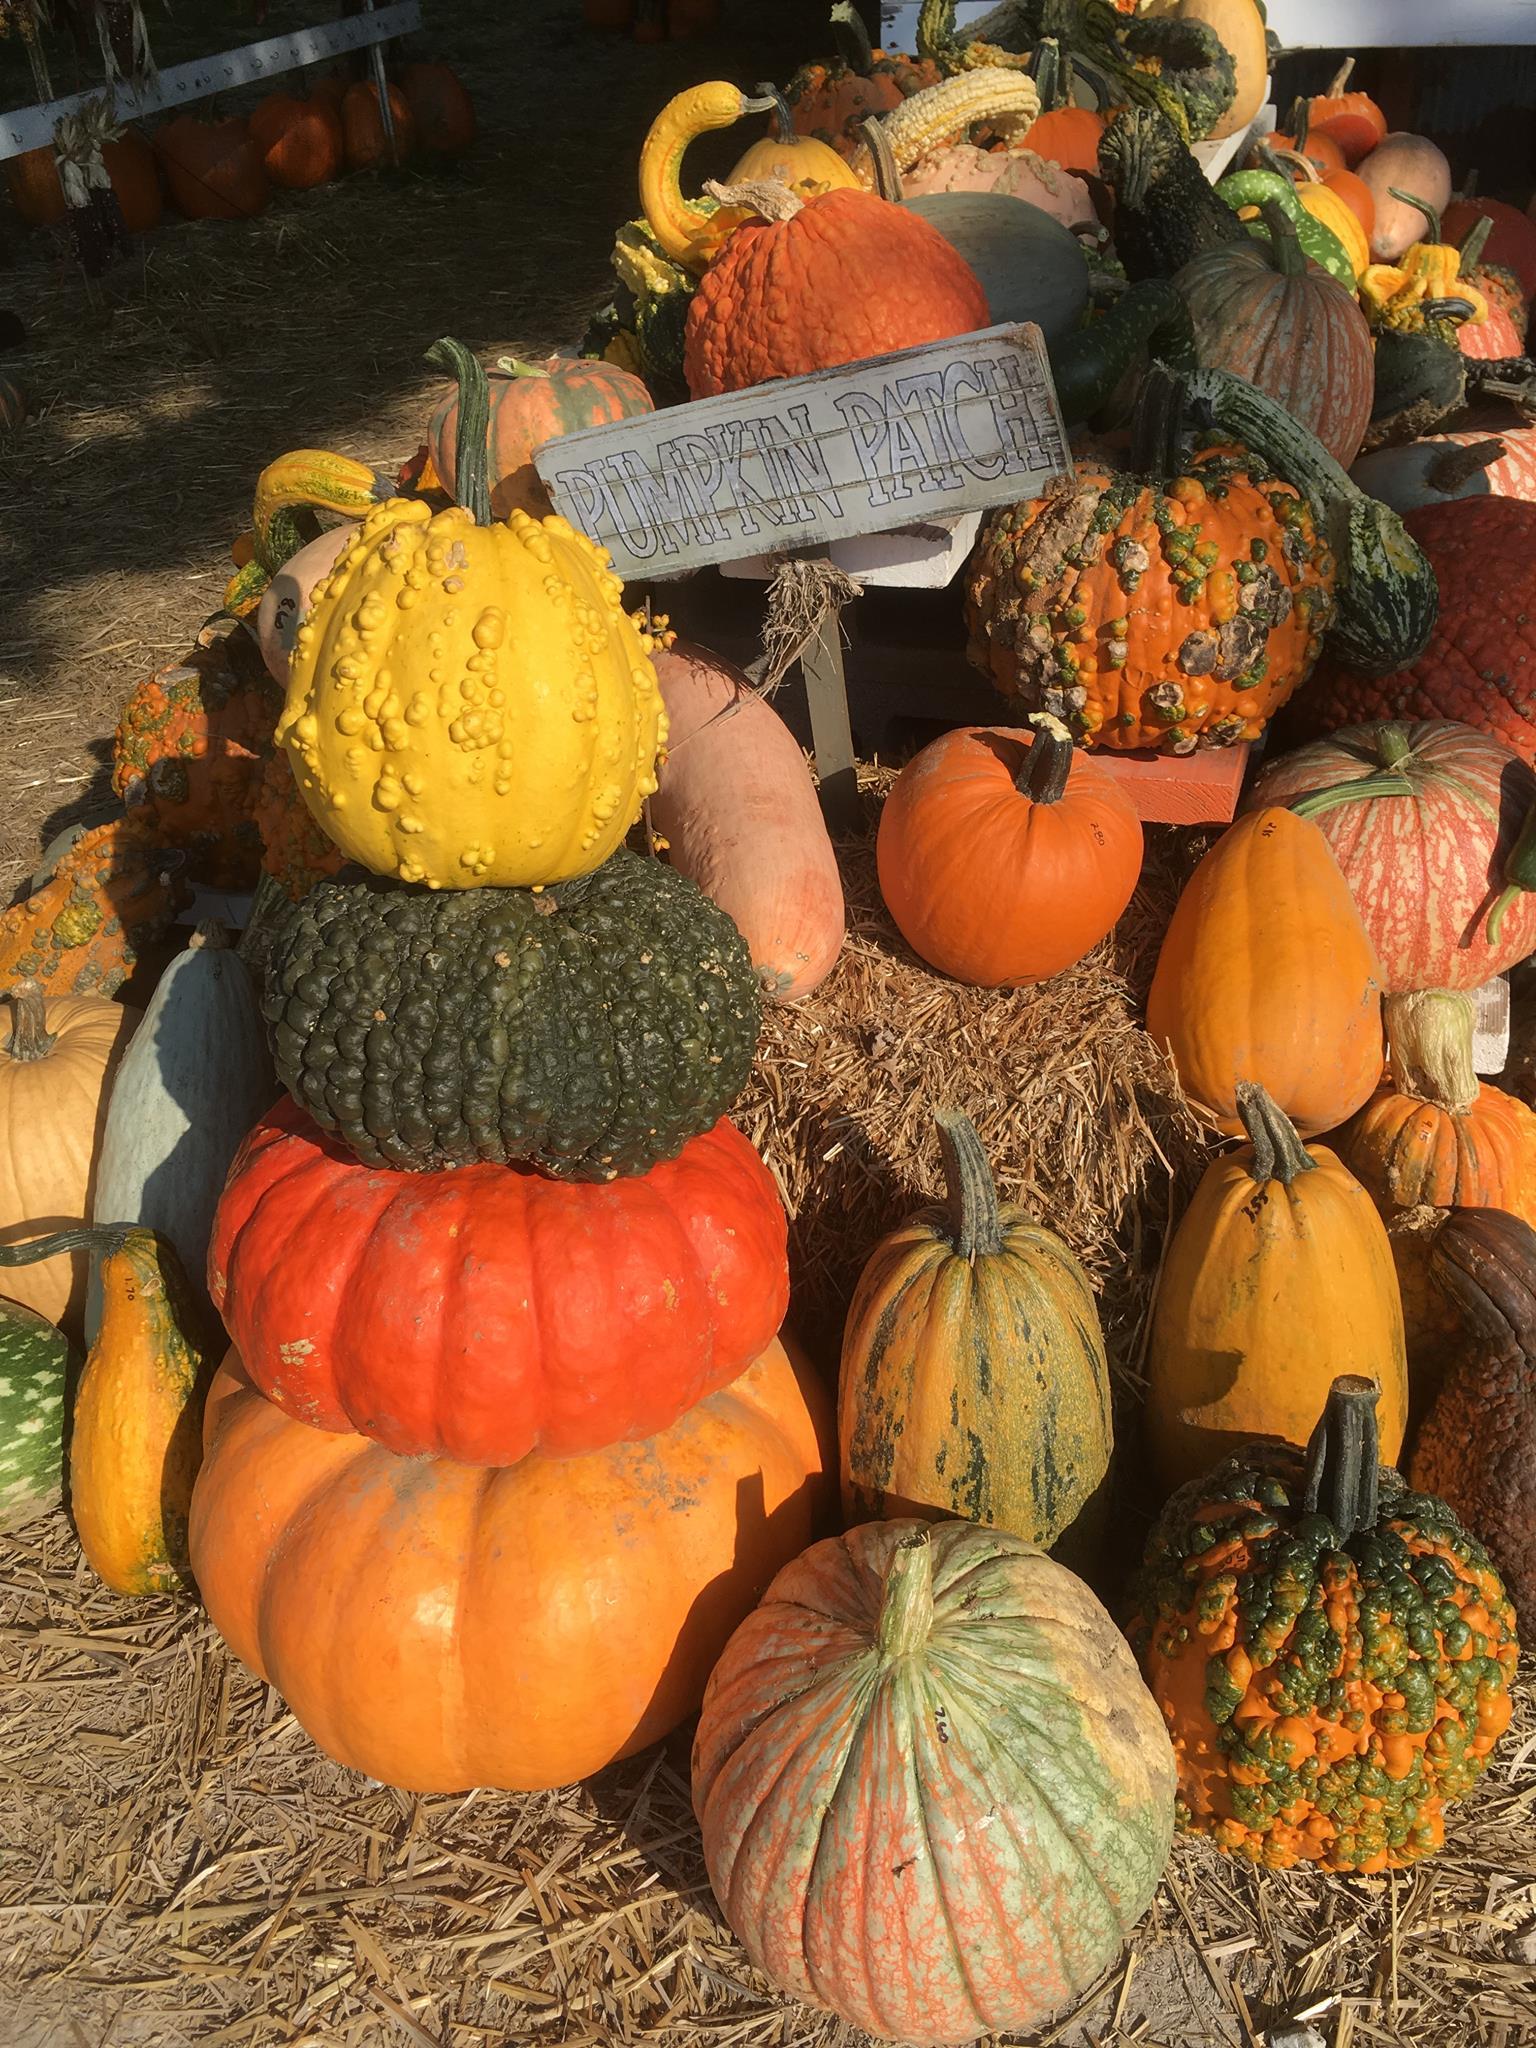 Gourd clipart pumpkin farm The More Fort Fun plenty